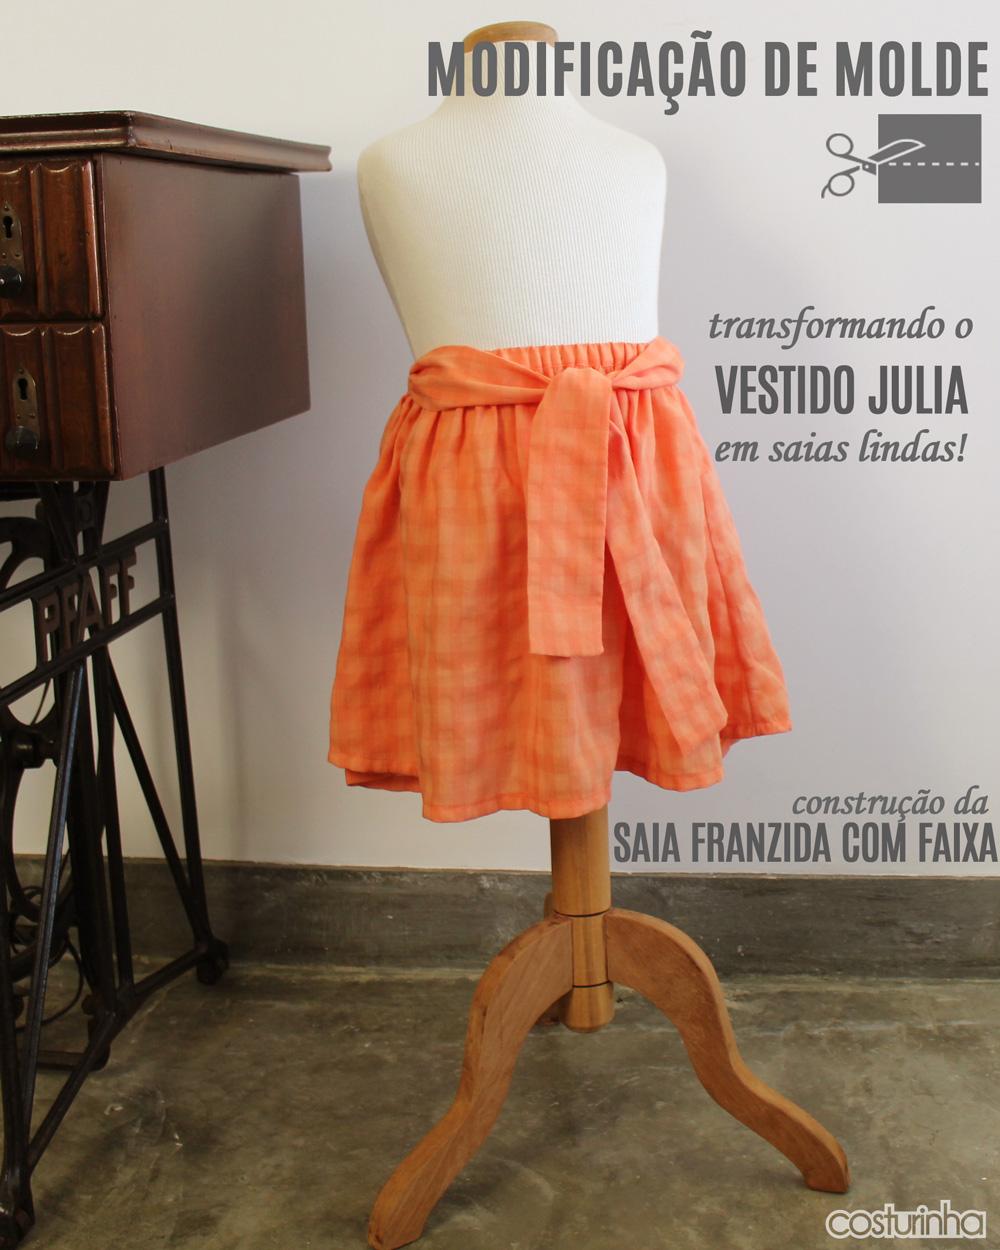 Modificação de moldes: transformando o Vestido Julia em uma saia franzida